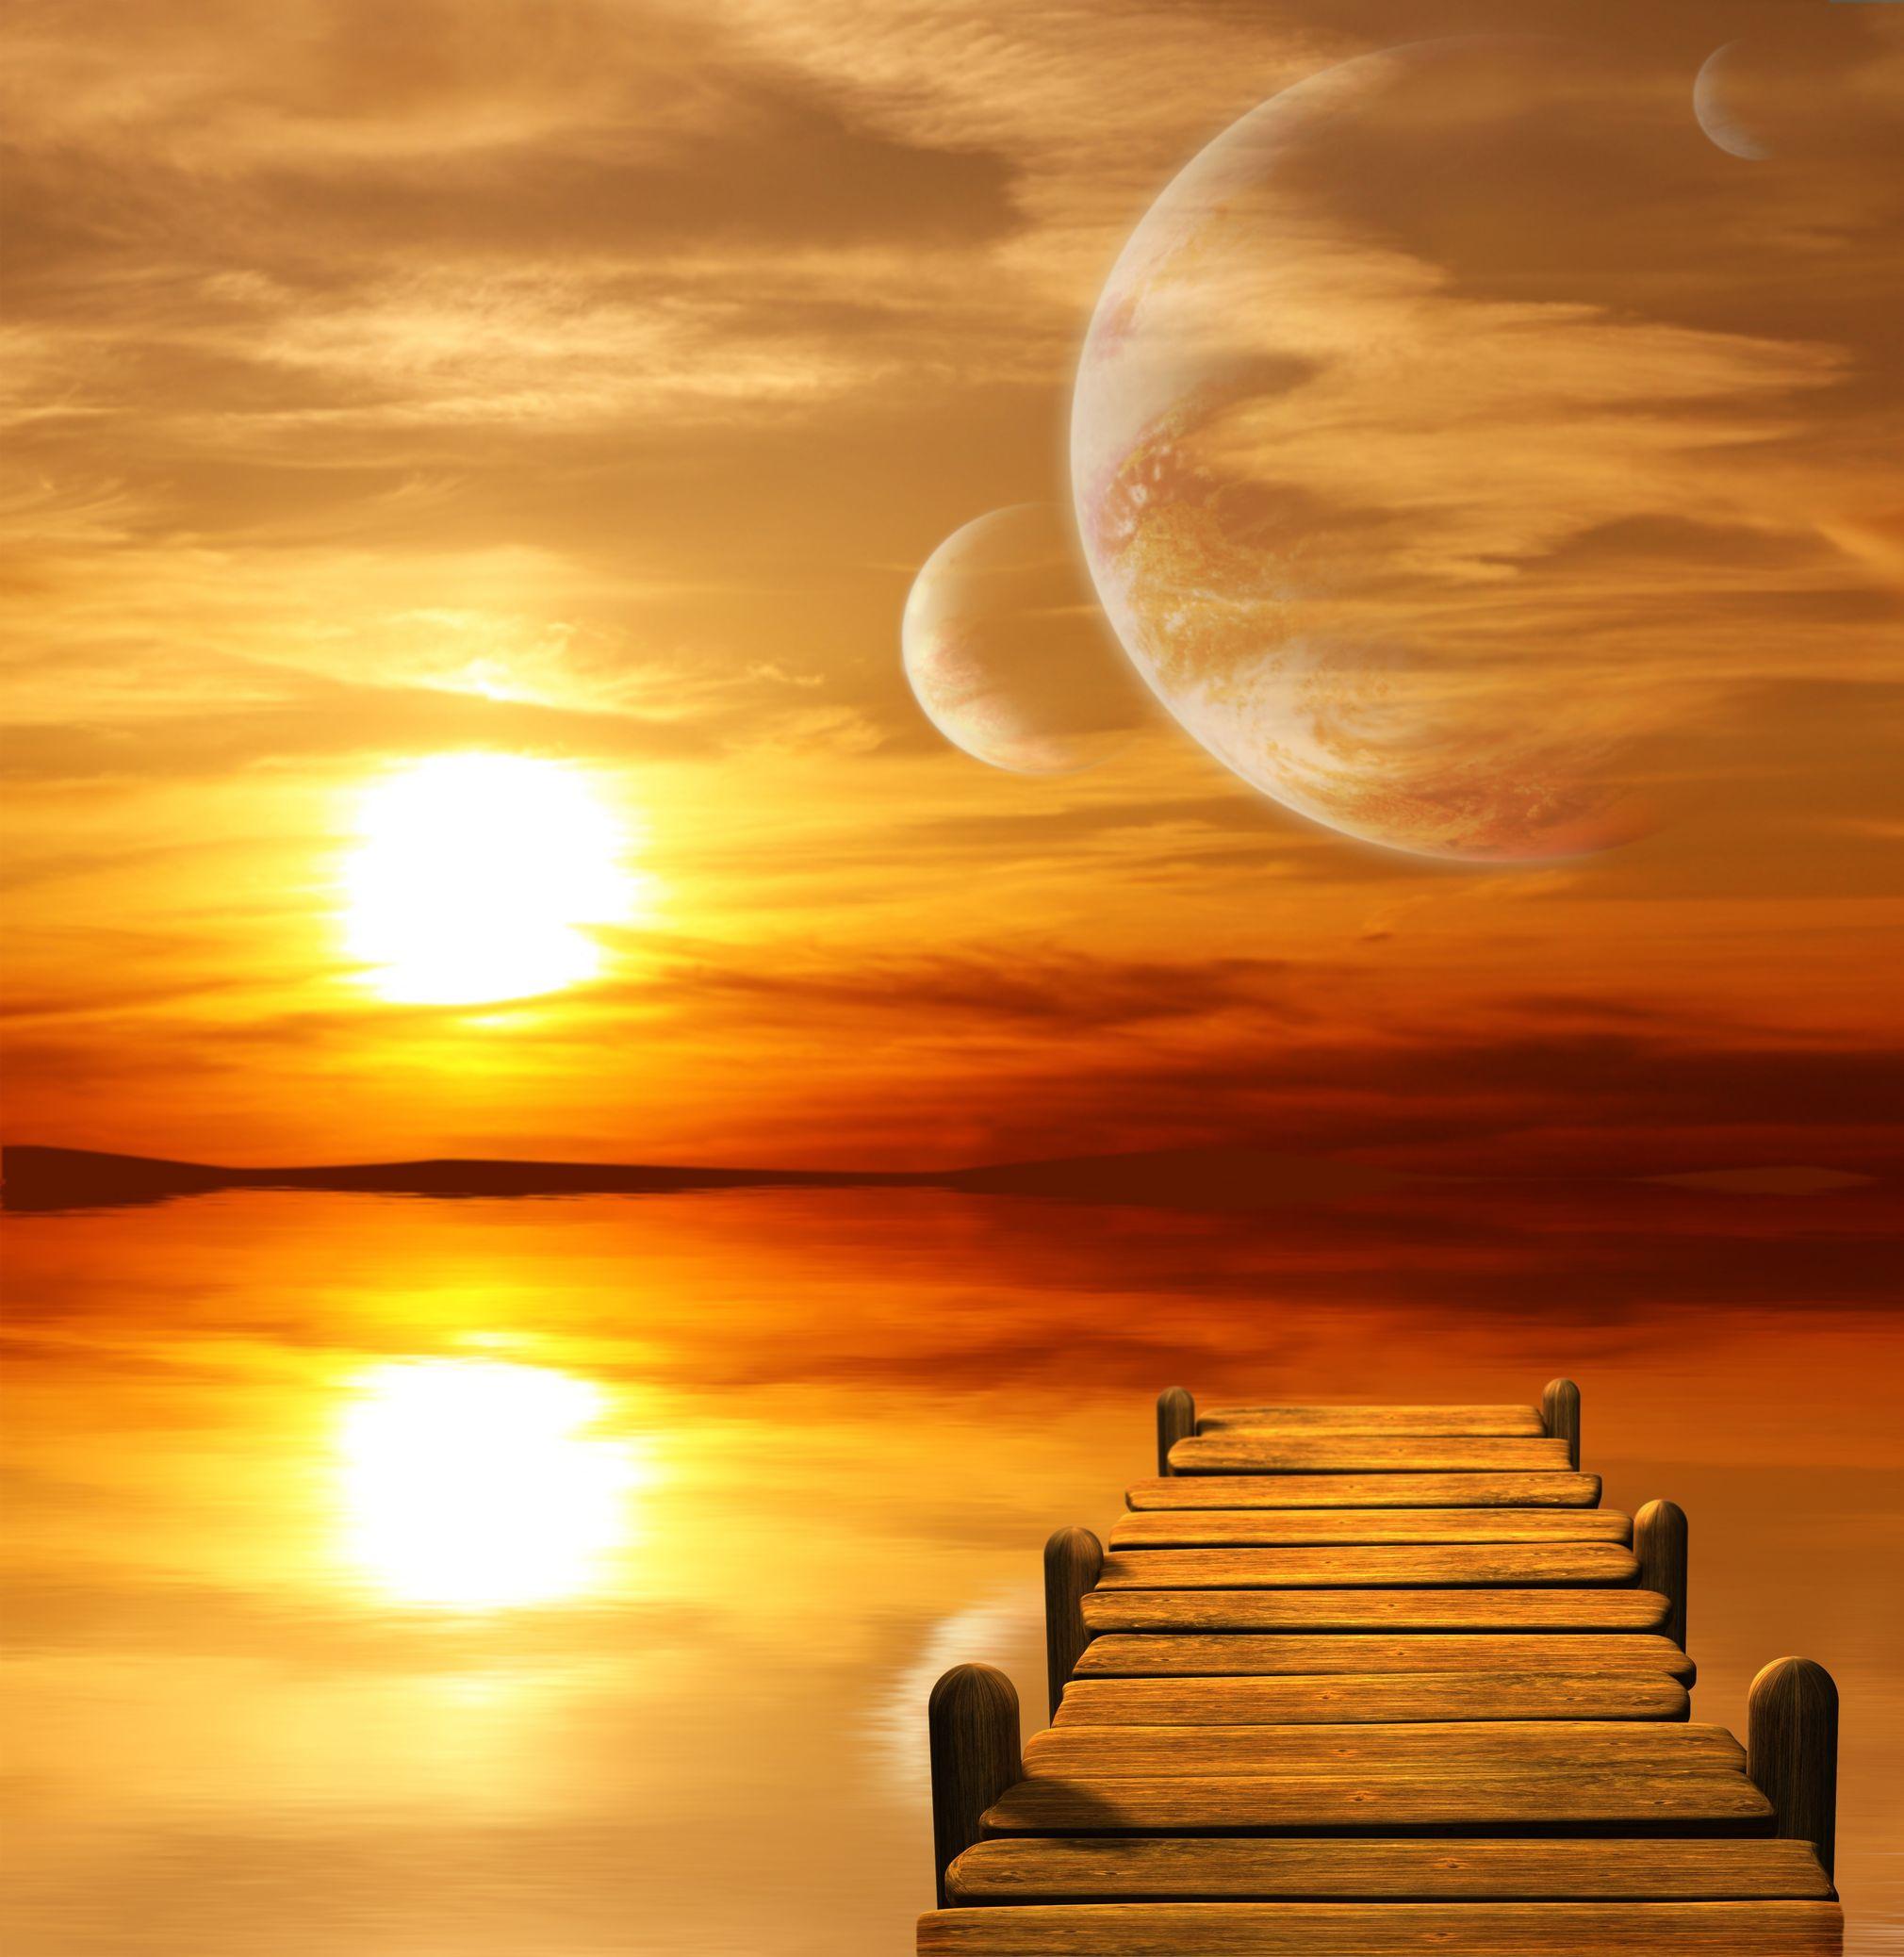 Spiritualit et solstice d t toute une vie for Ete wallpaper